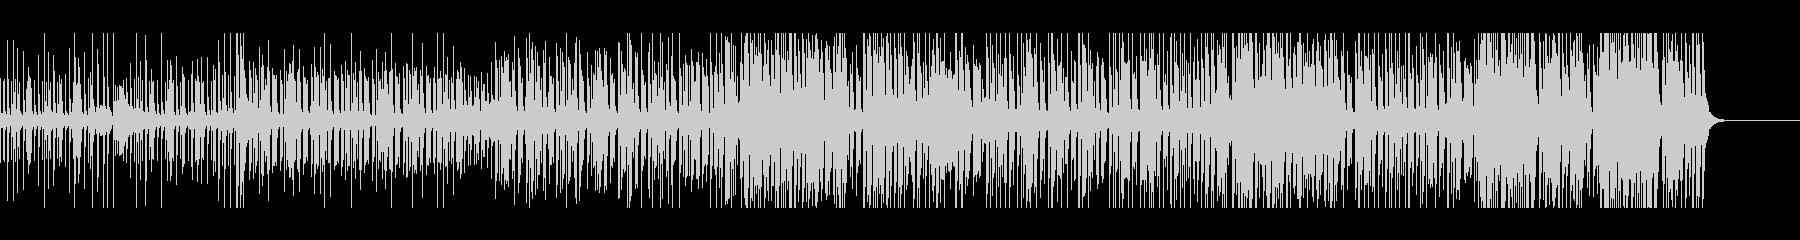 メロディにマリンバを配したレトロロック感の未再生の波形